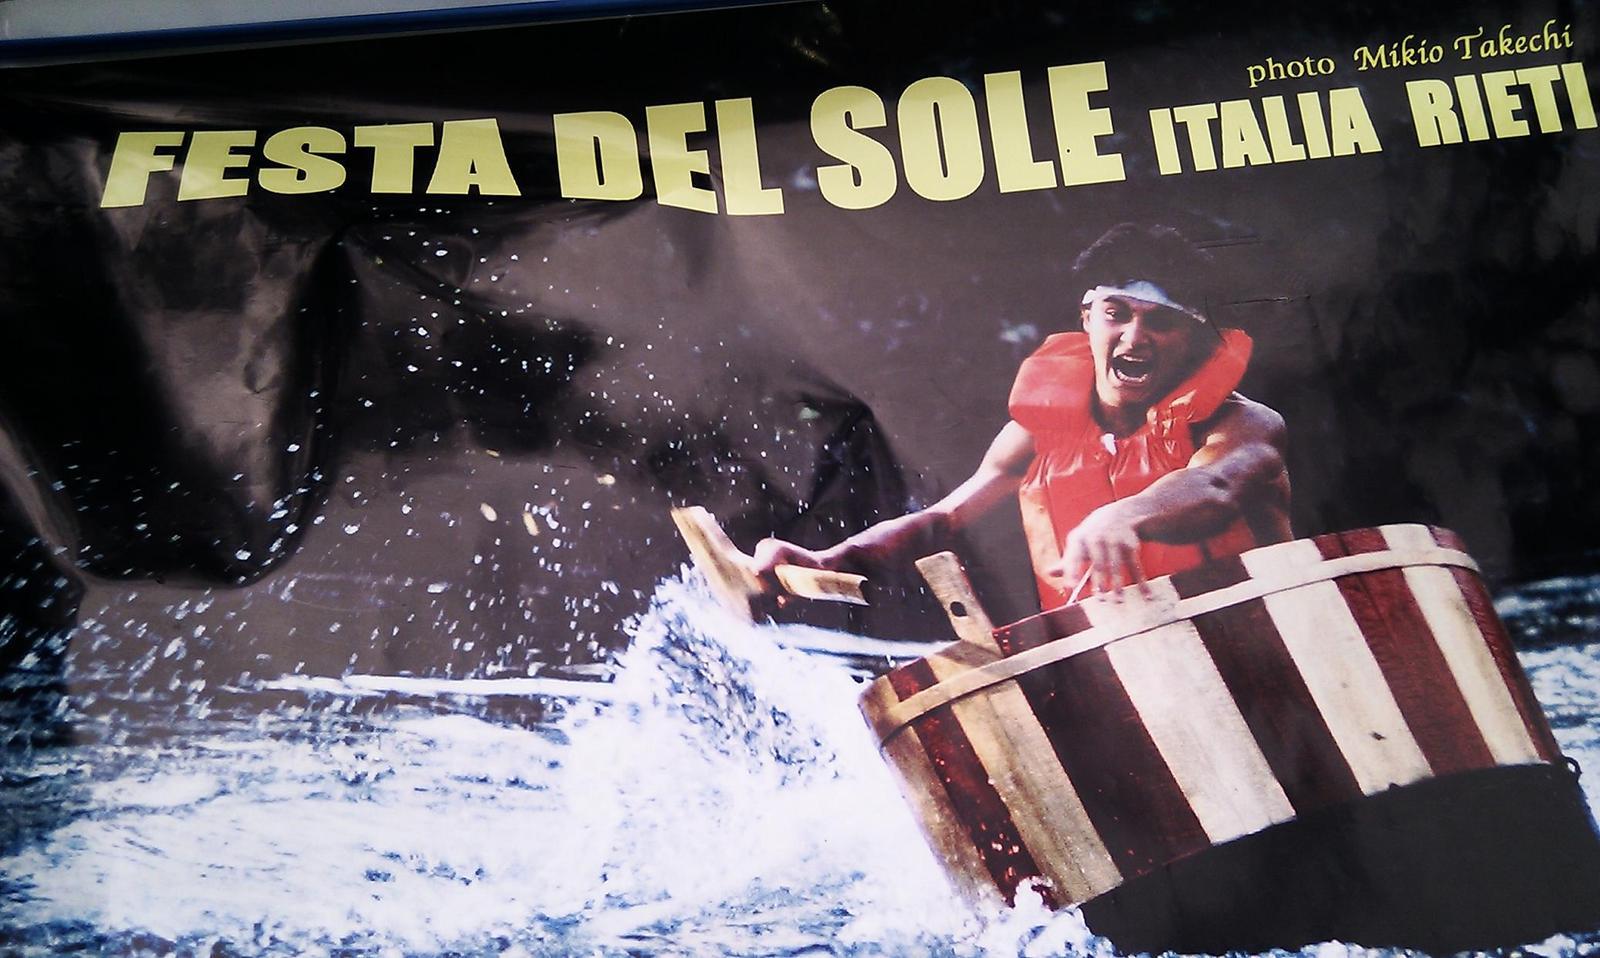 Festa_del_sole